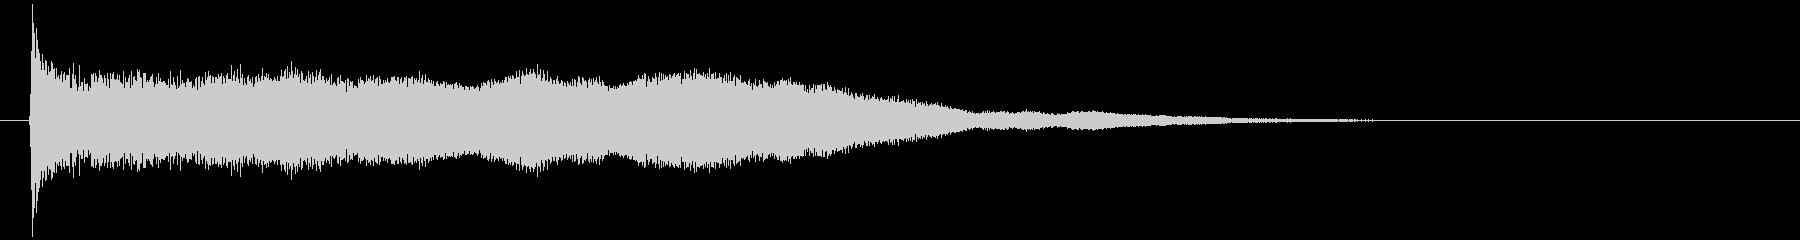 神秘的で透明感のあるインパクト音3の未再生の波形